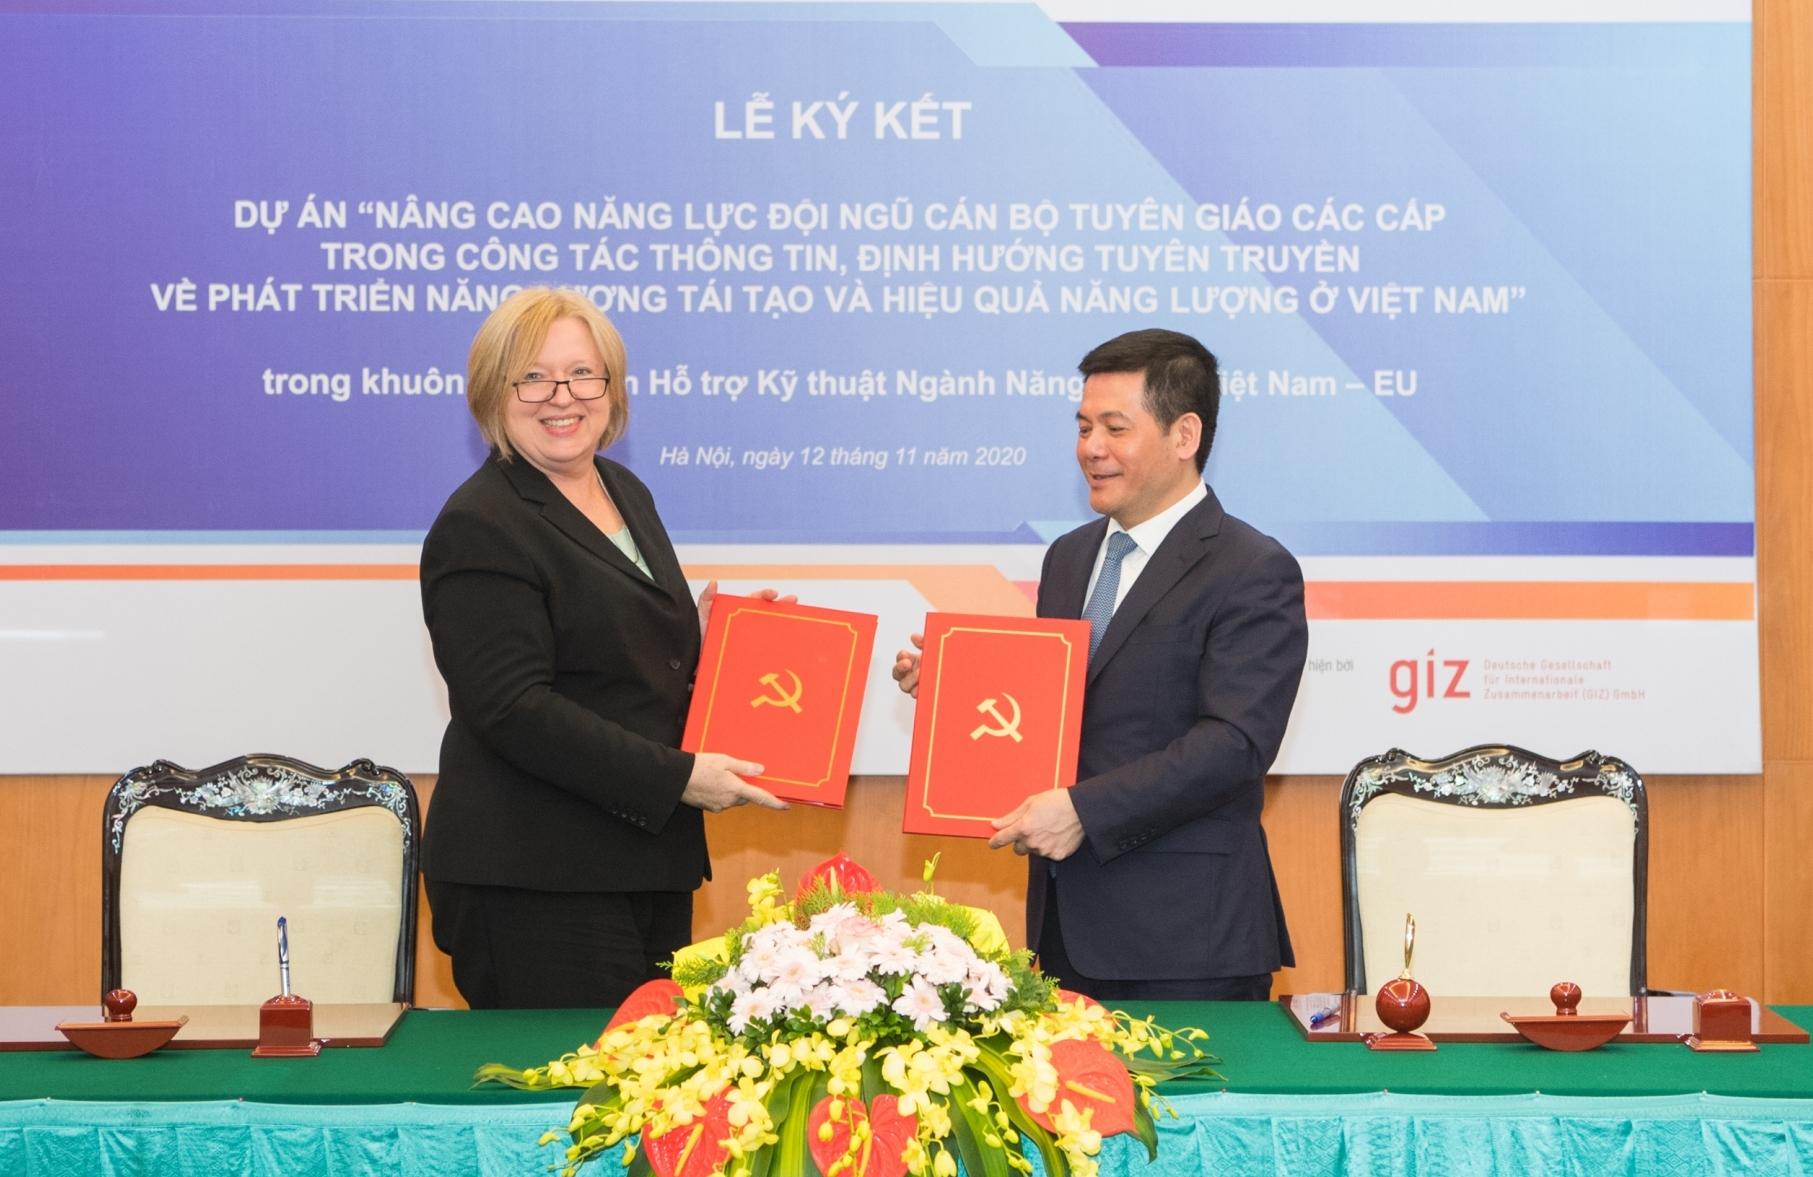 Nâng cao năng lực tuyên truyền về năng lượng tái tạo tại Việt Nam